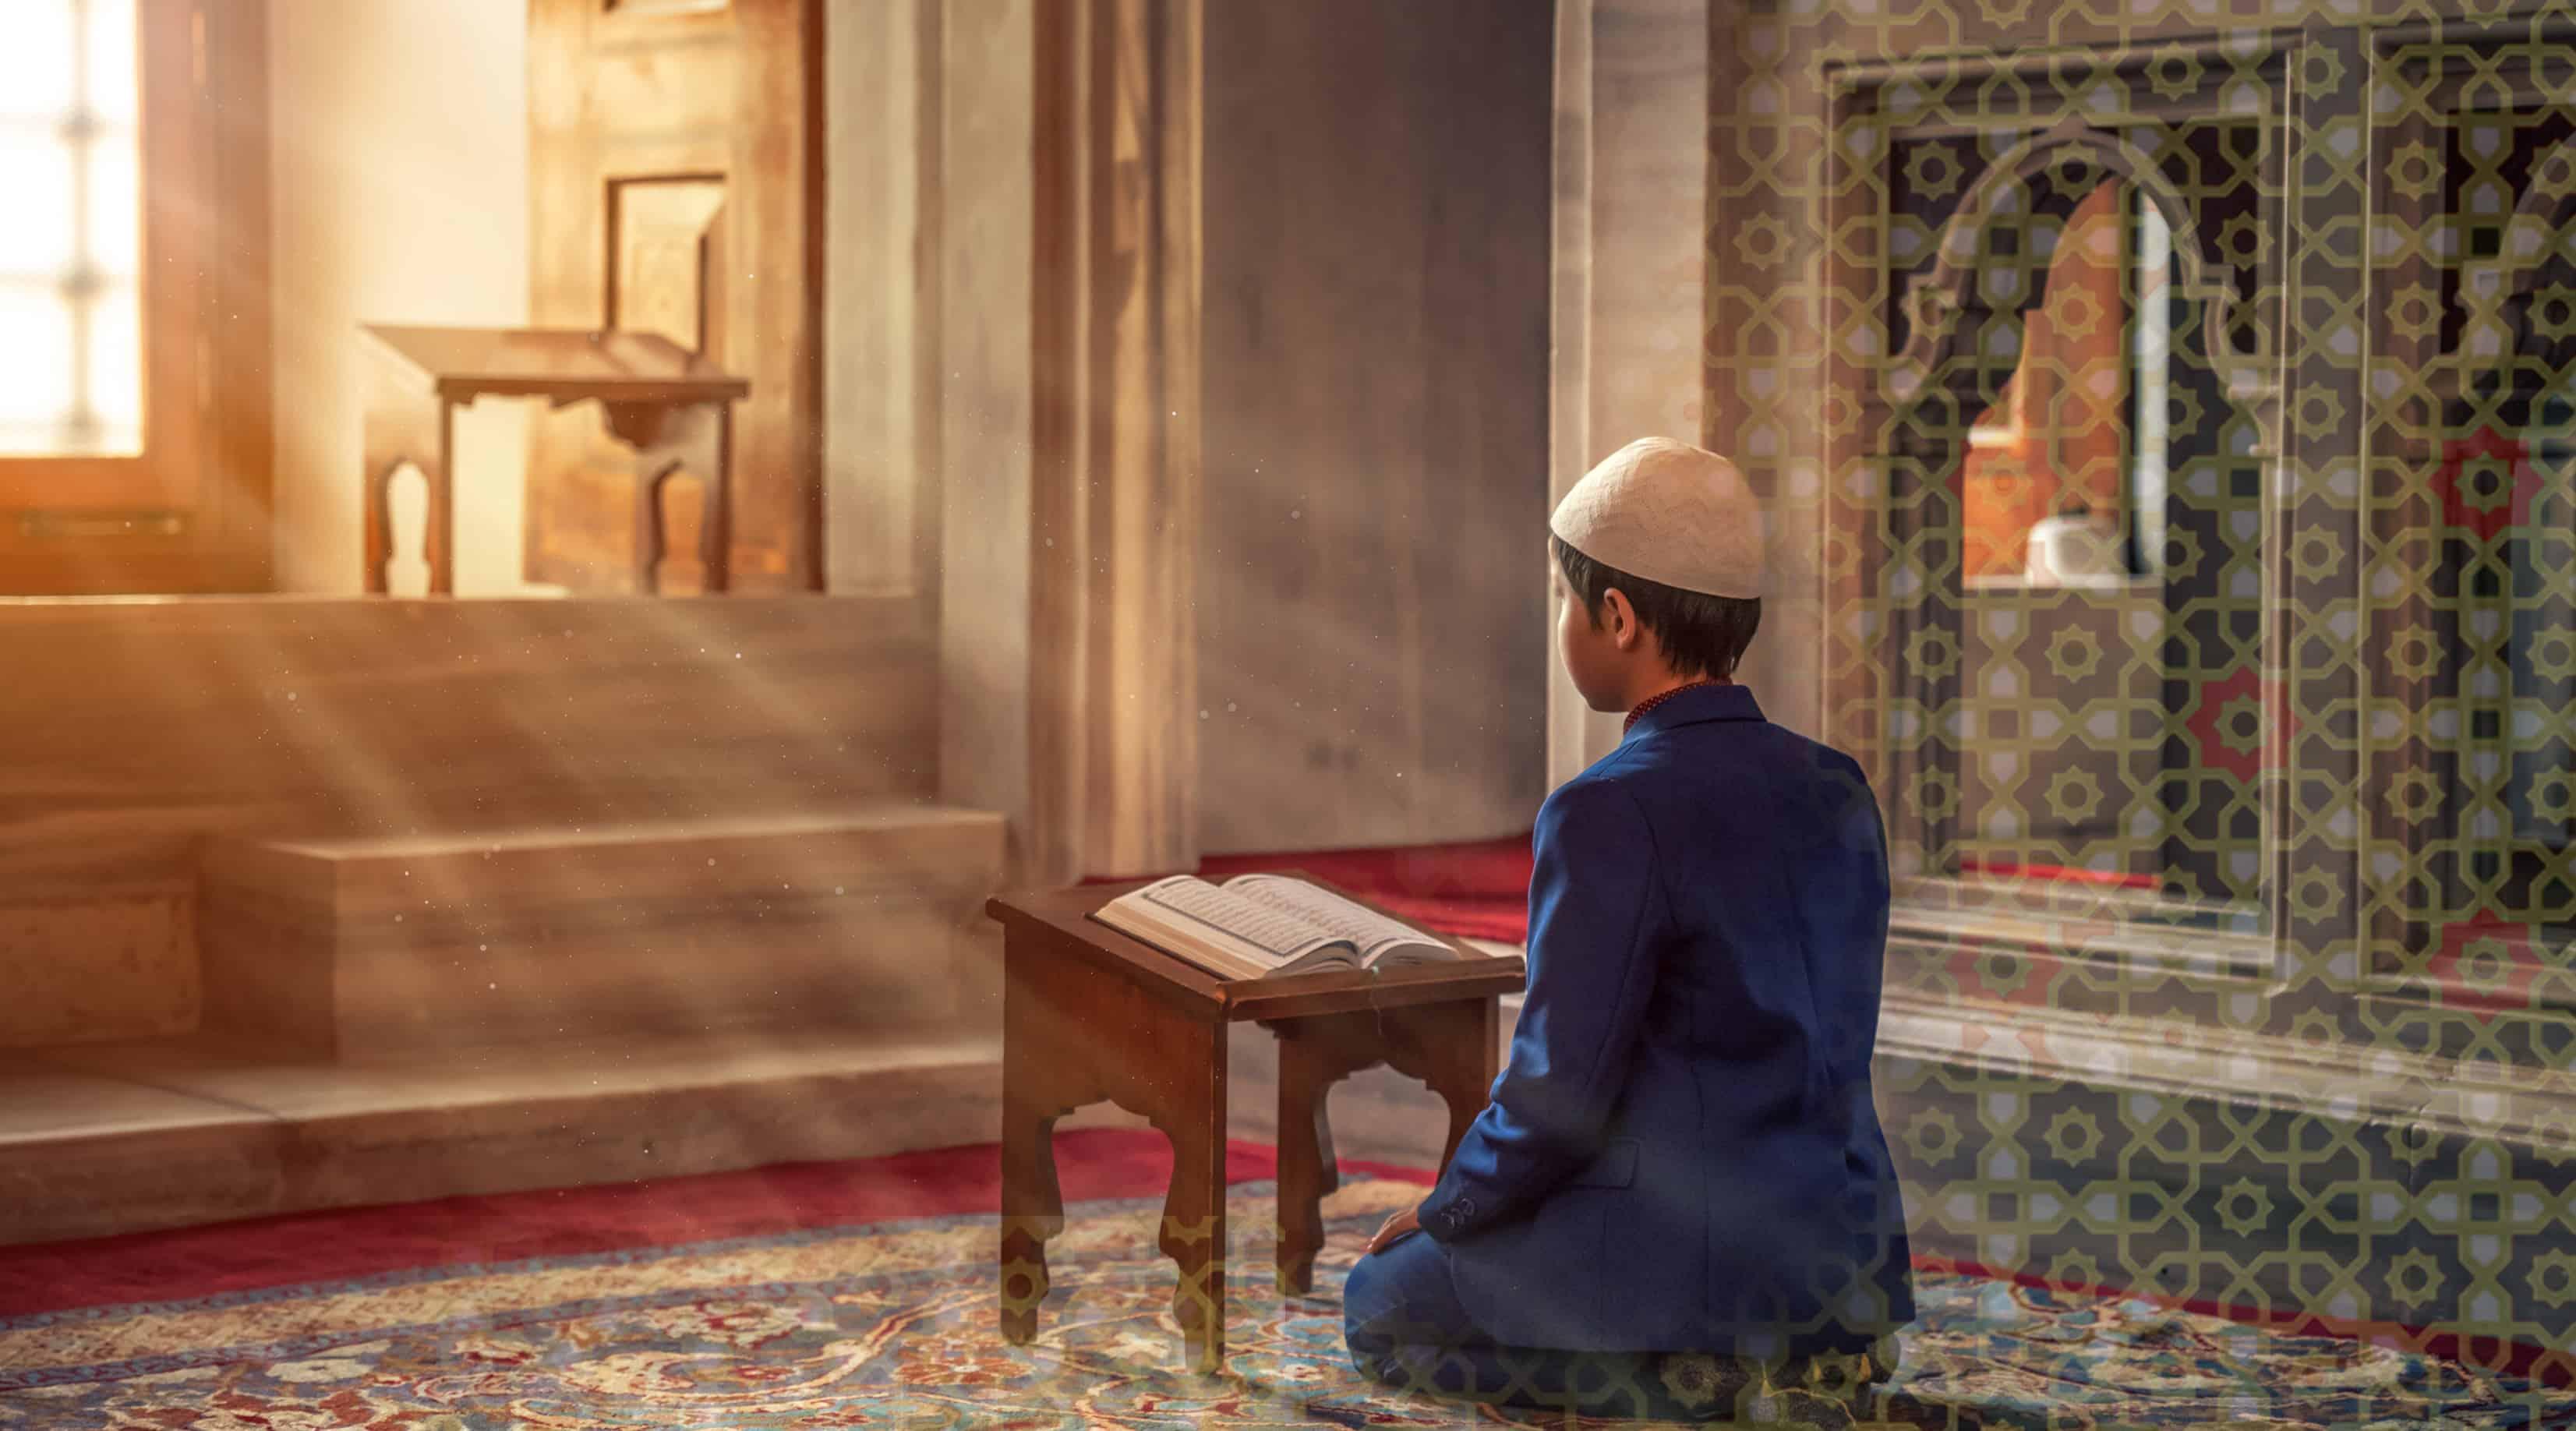 qortoba institute - Arabic learning online